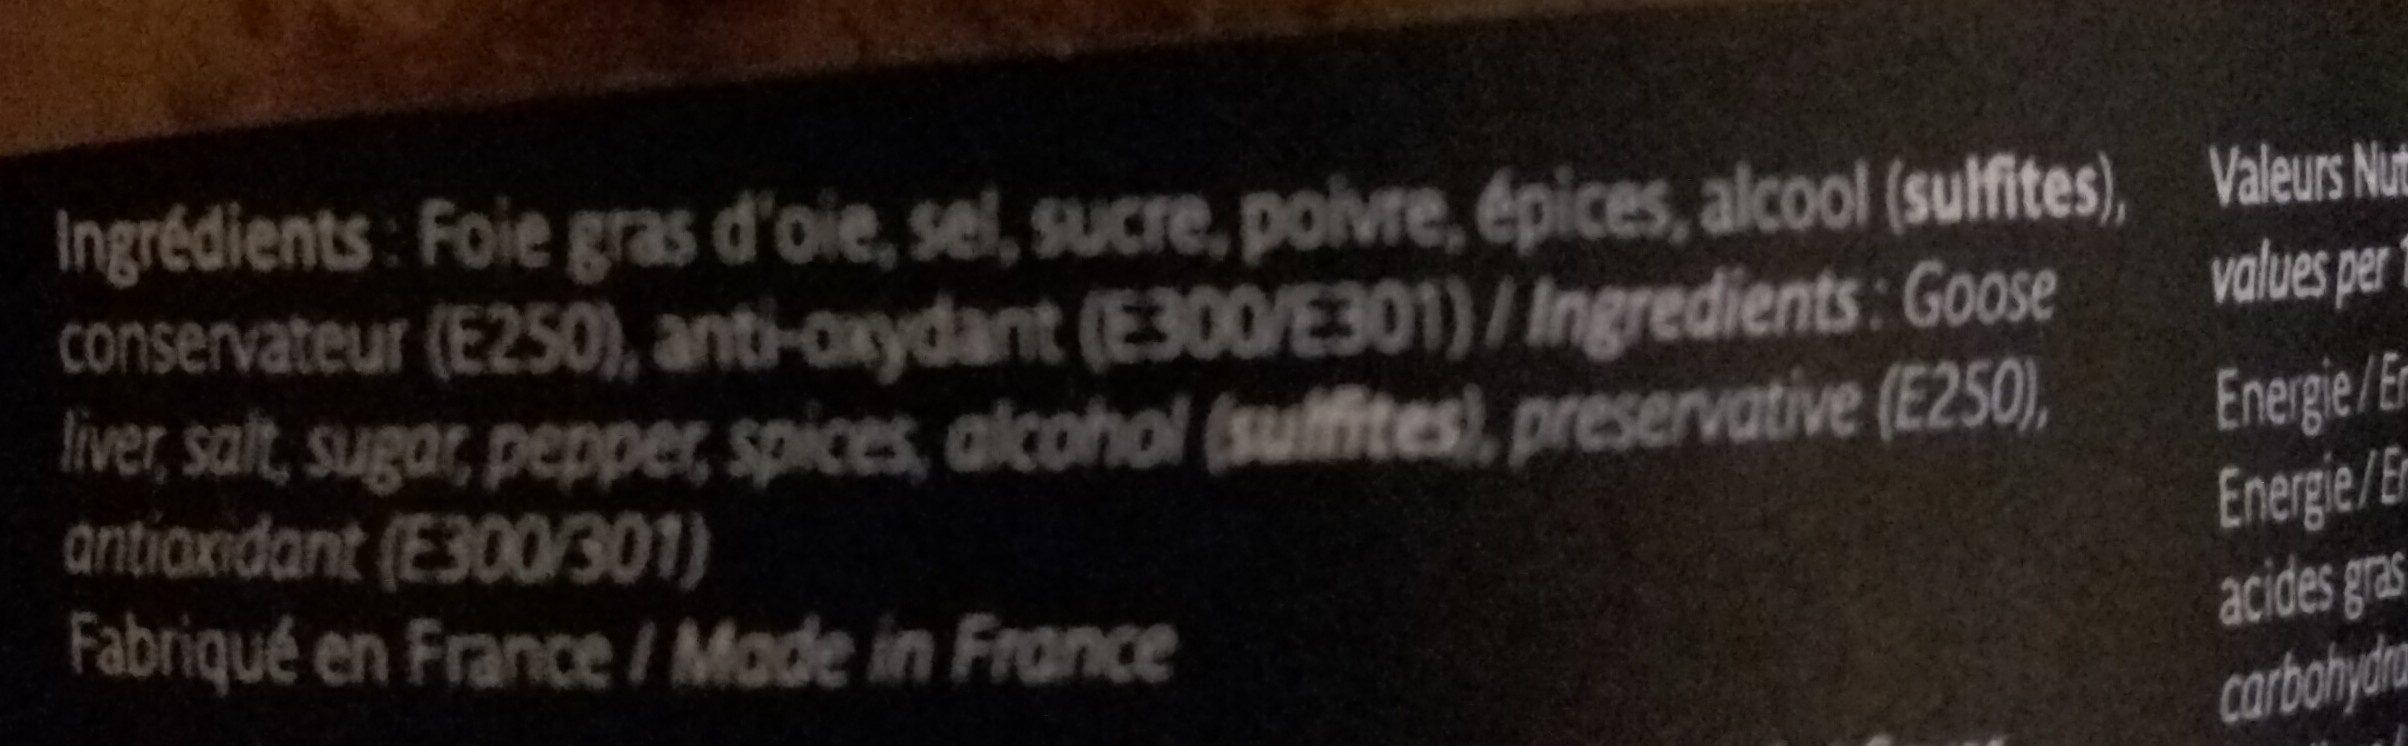 Foie Gras D'oie Entier - Ingredients - fr